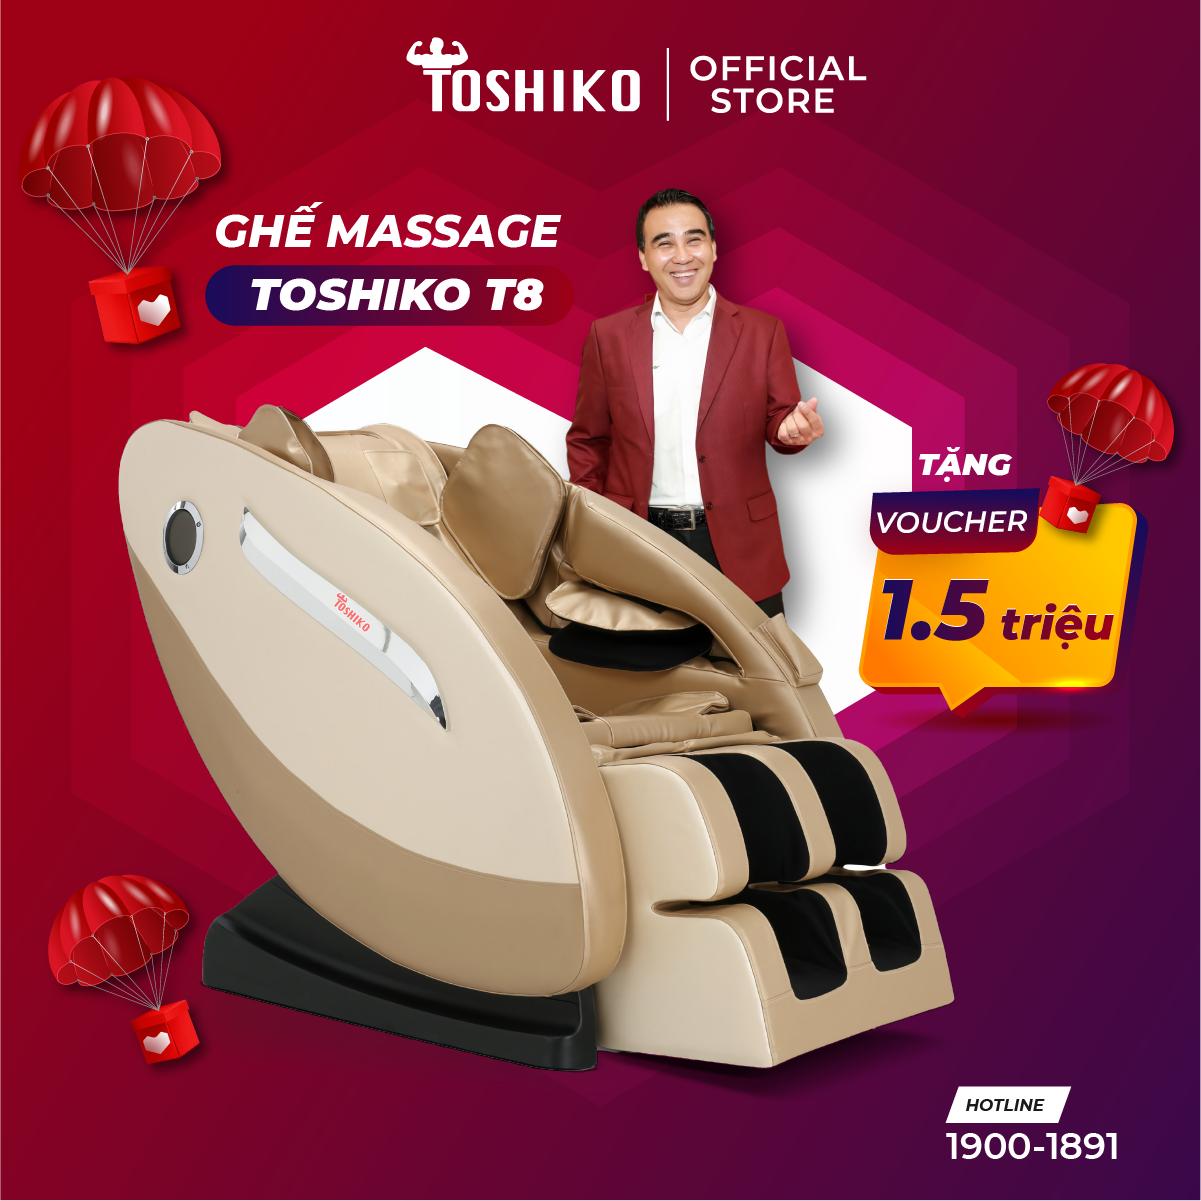 Ghế massage trị liệu toàn thân Toshiko T8 hàng chính hãng, bảo hành 6 năm